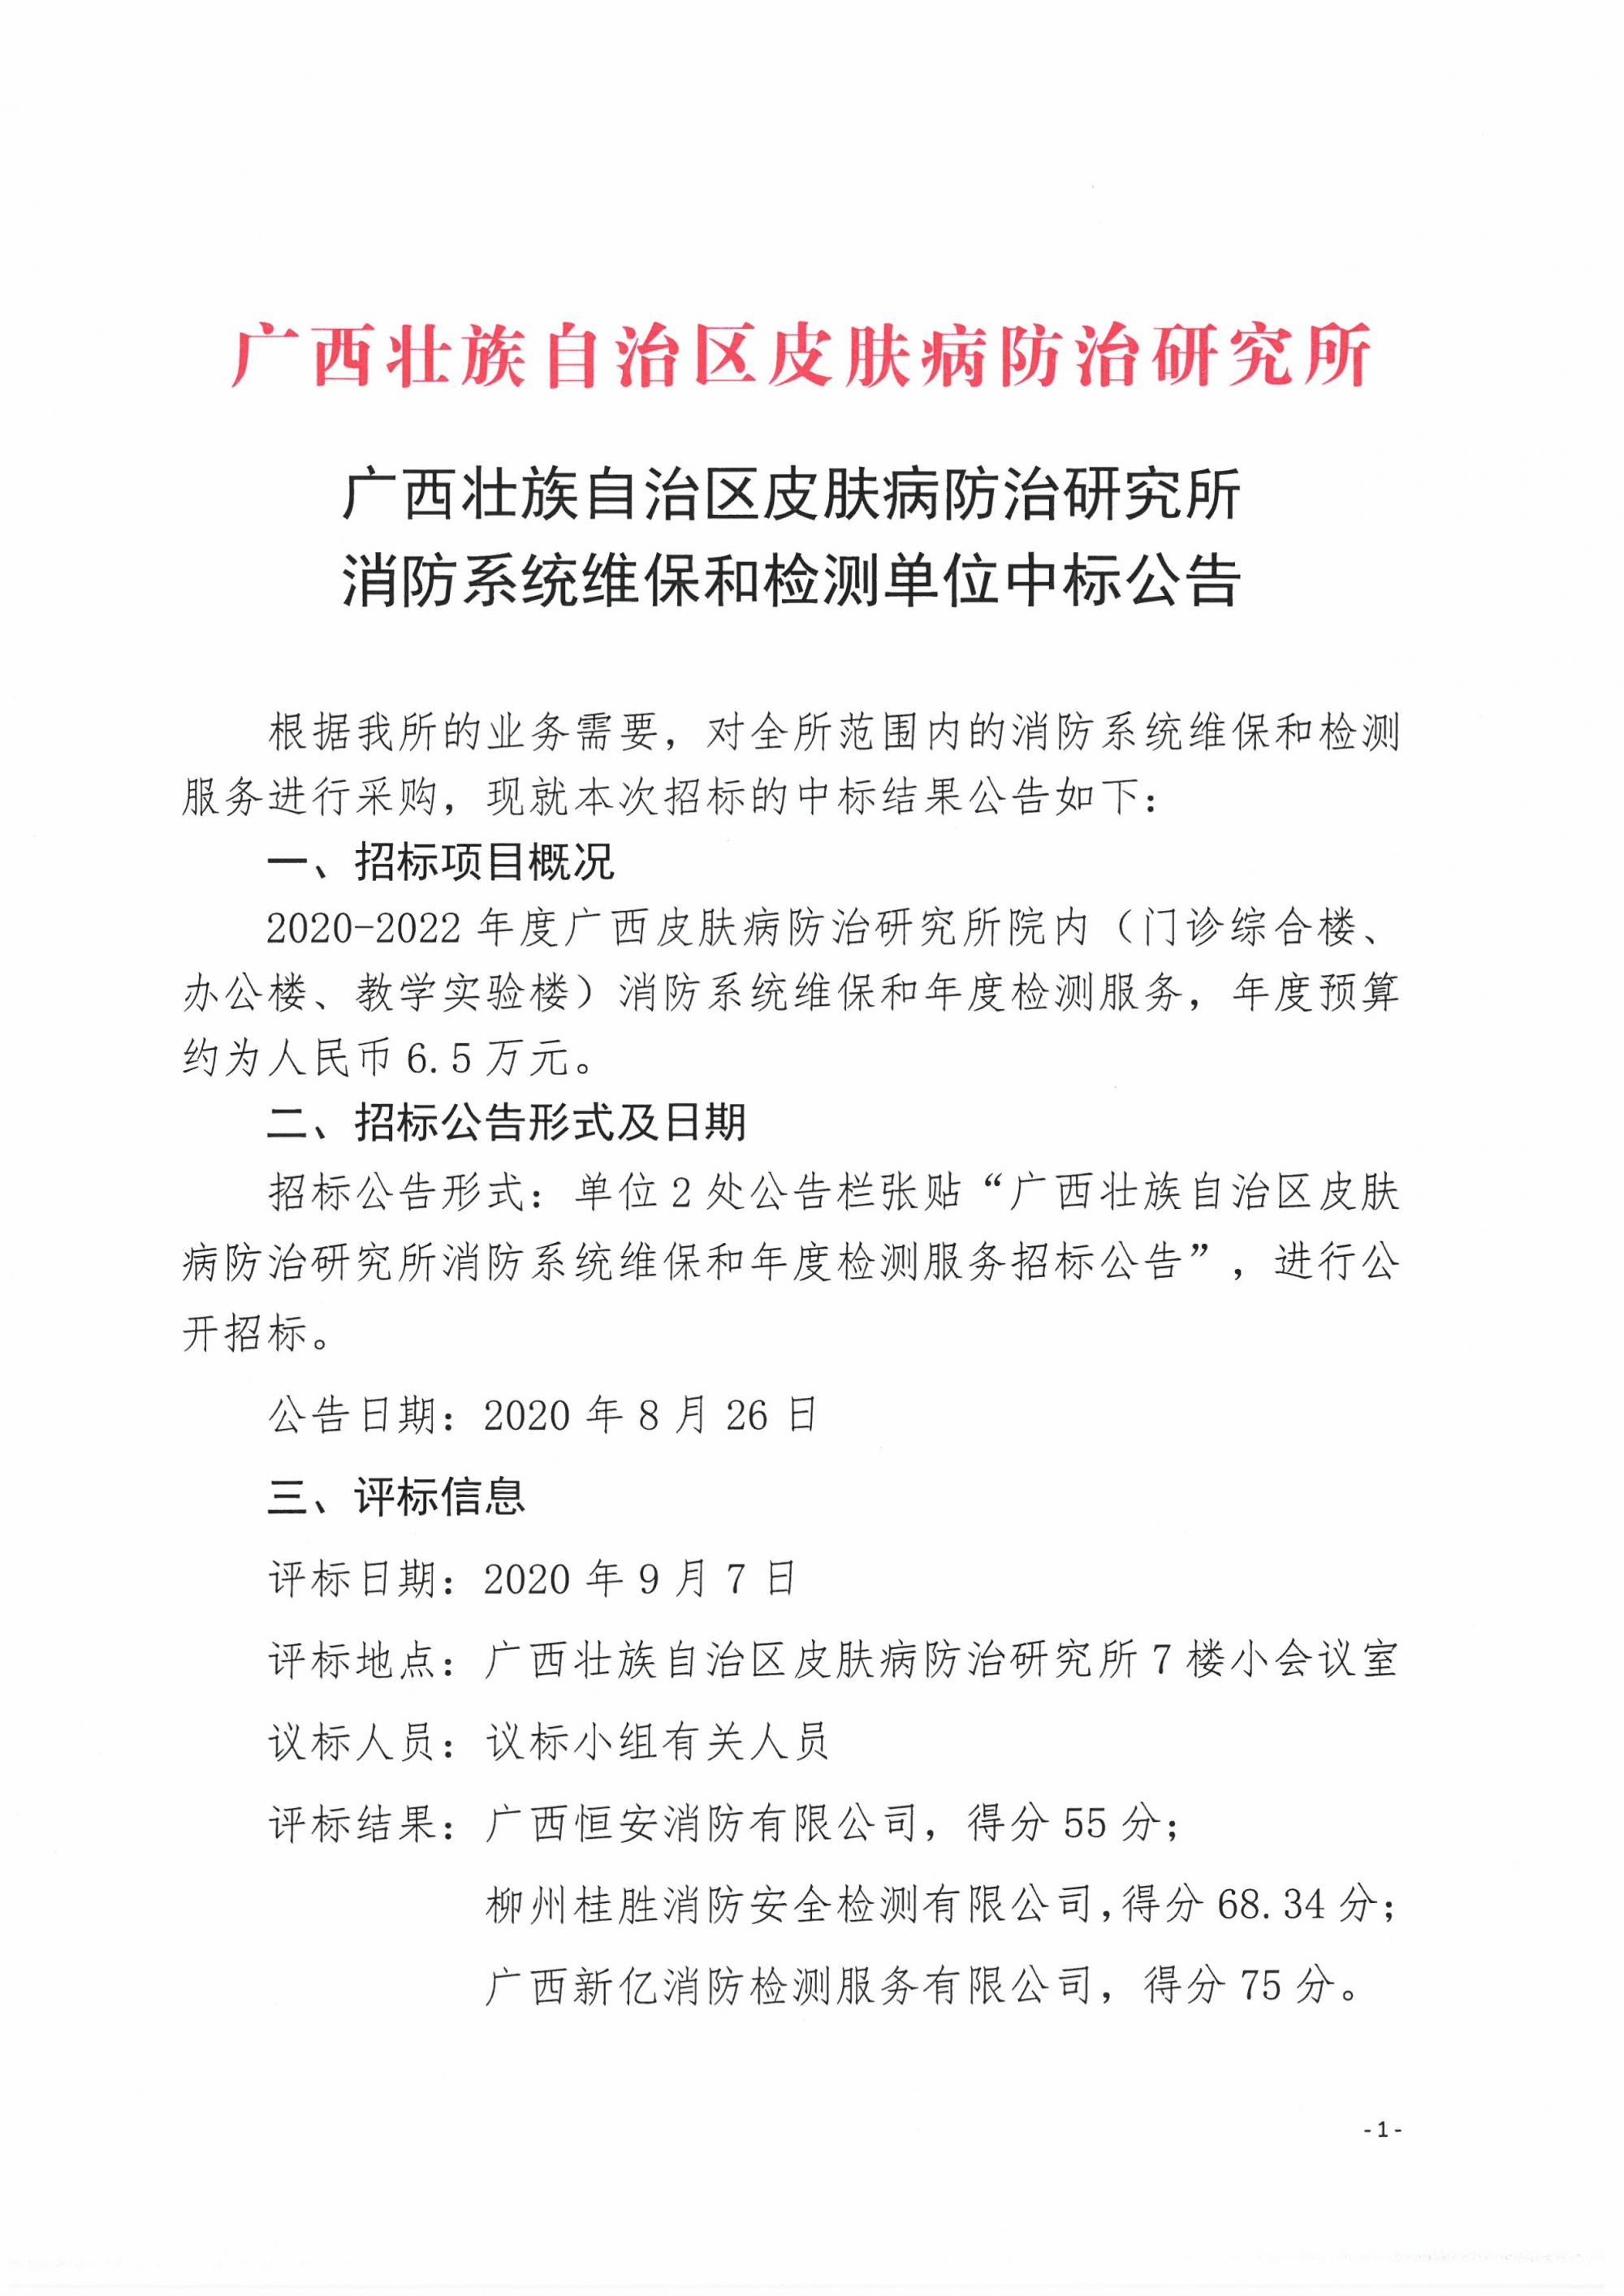 广西壮族自治区皮肤病防治研究所消防系统维保和检测单位中标公告